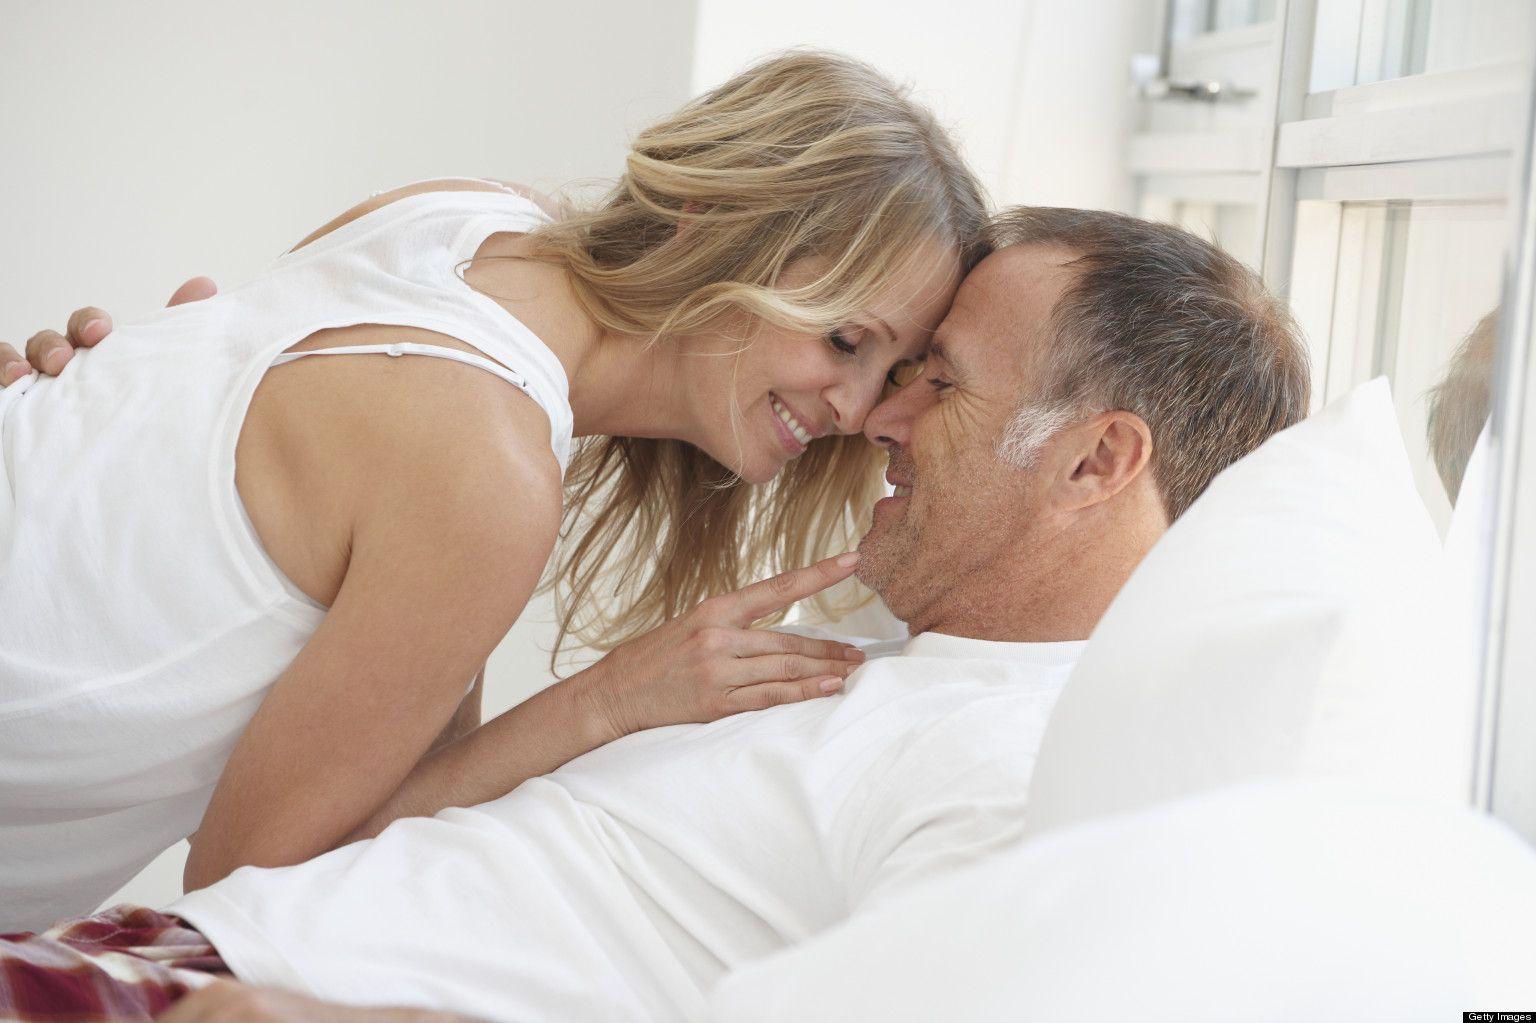 ce este mai bine să bei pentru erecții va crește diametrul penisului